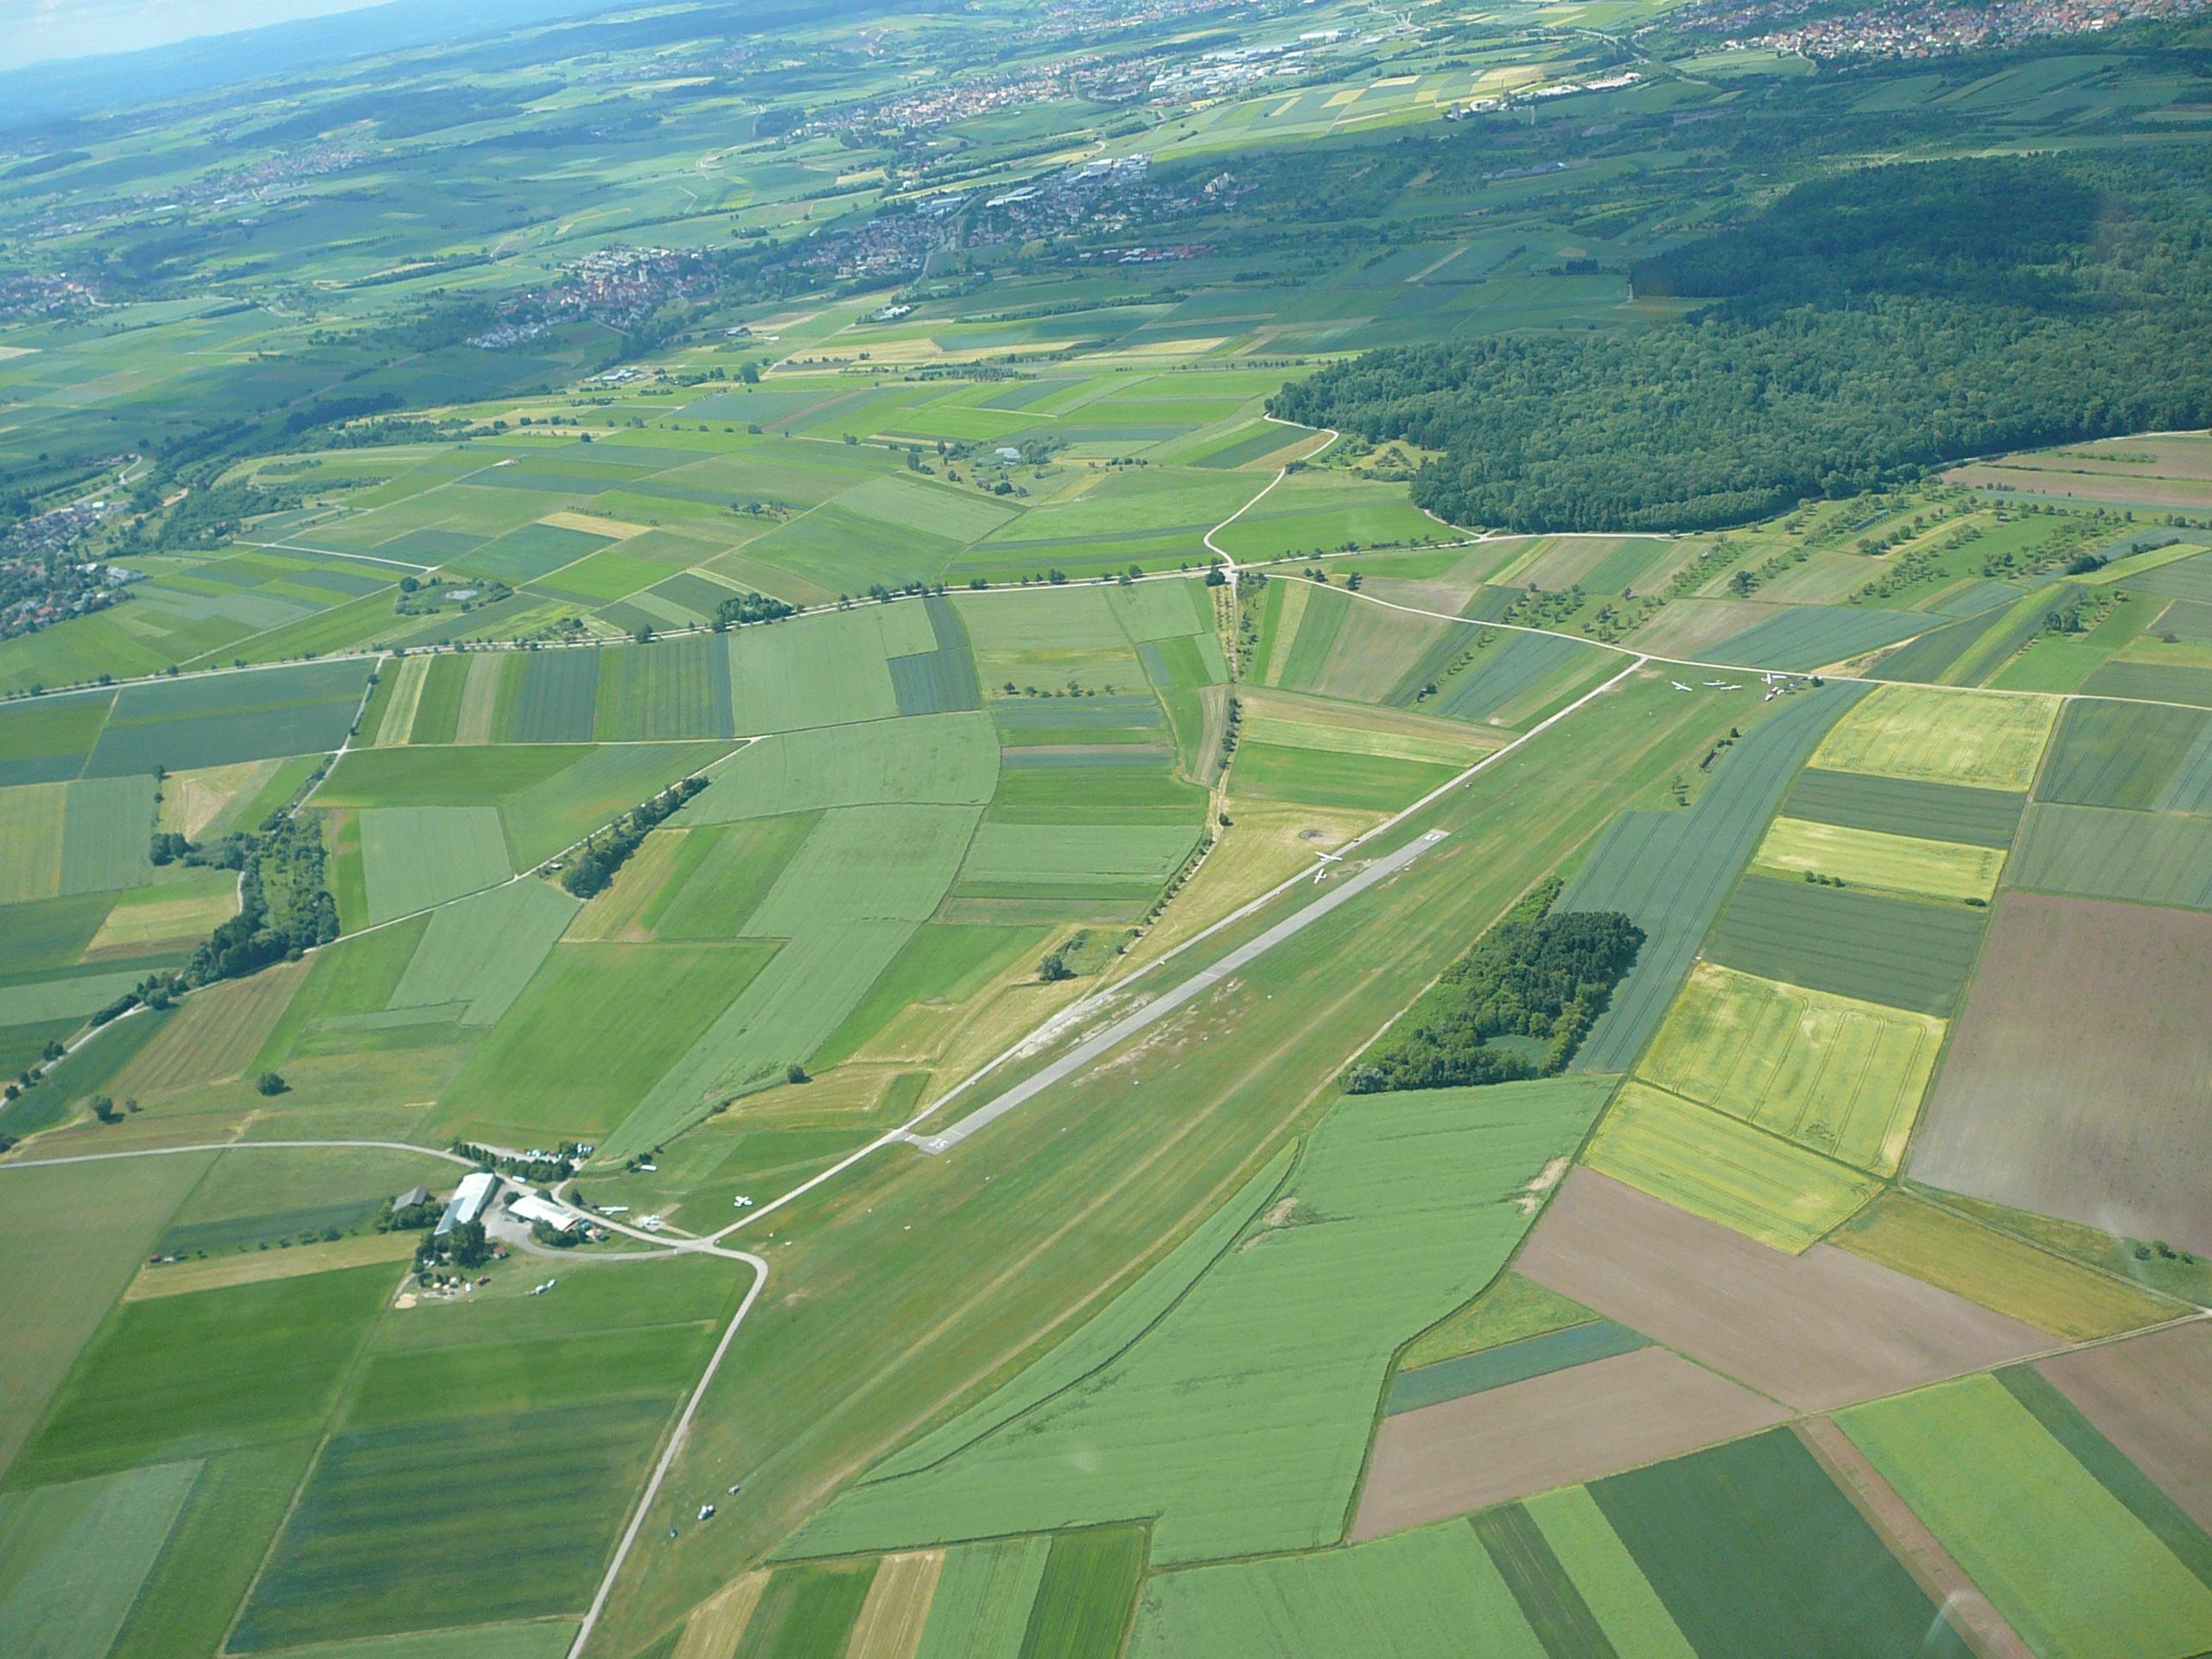 Der Flugplatz Poltringen von oben